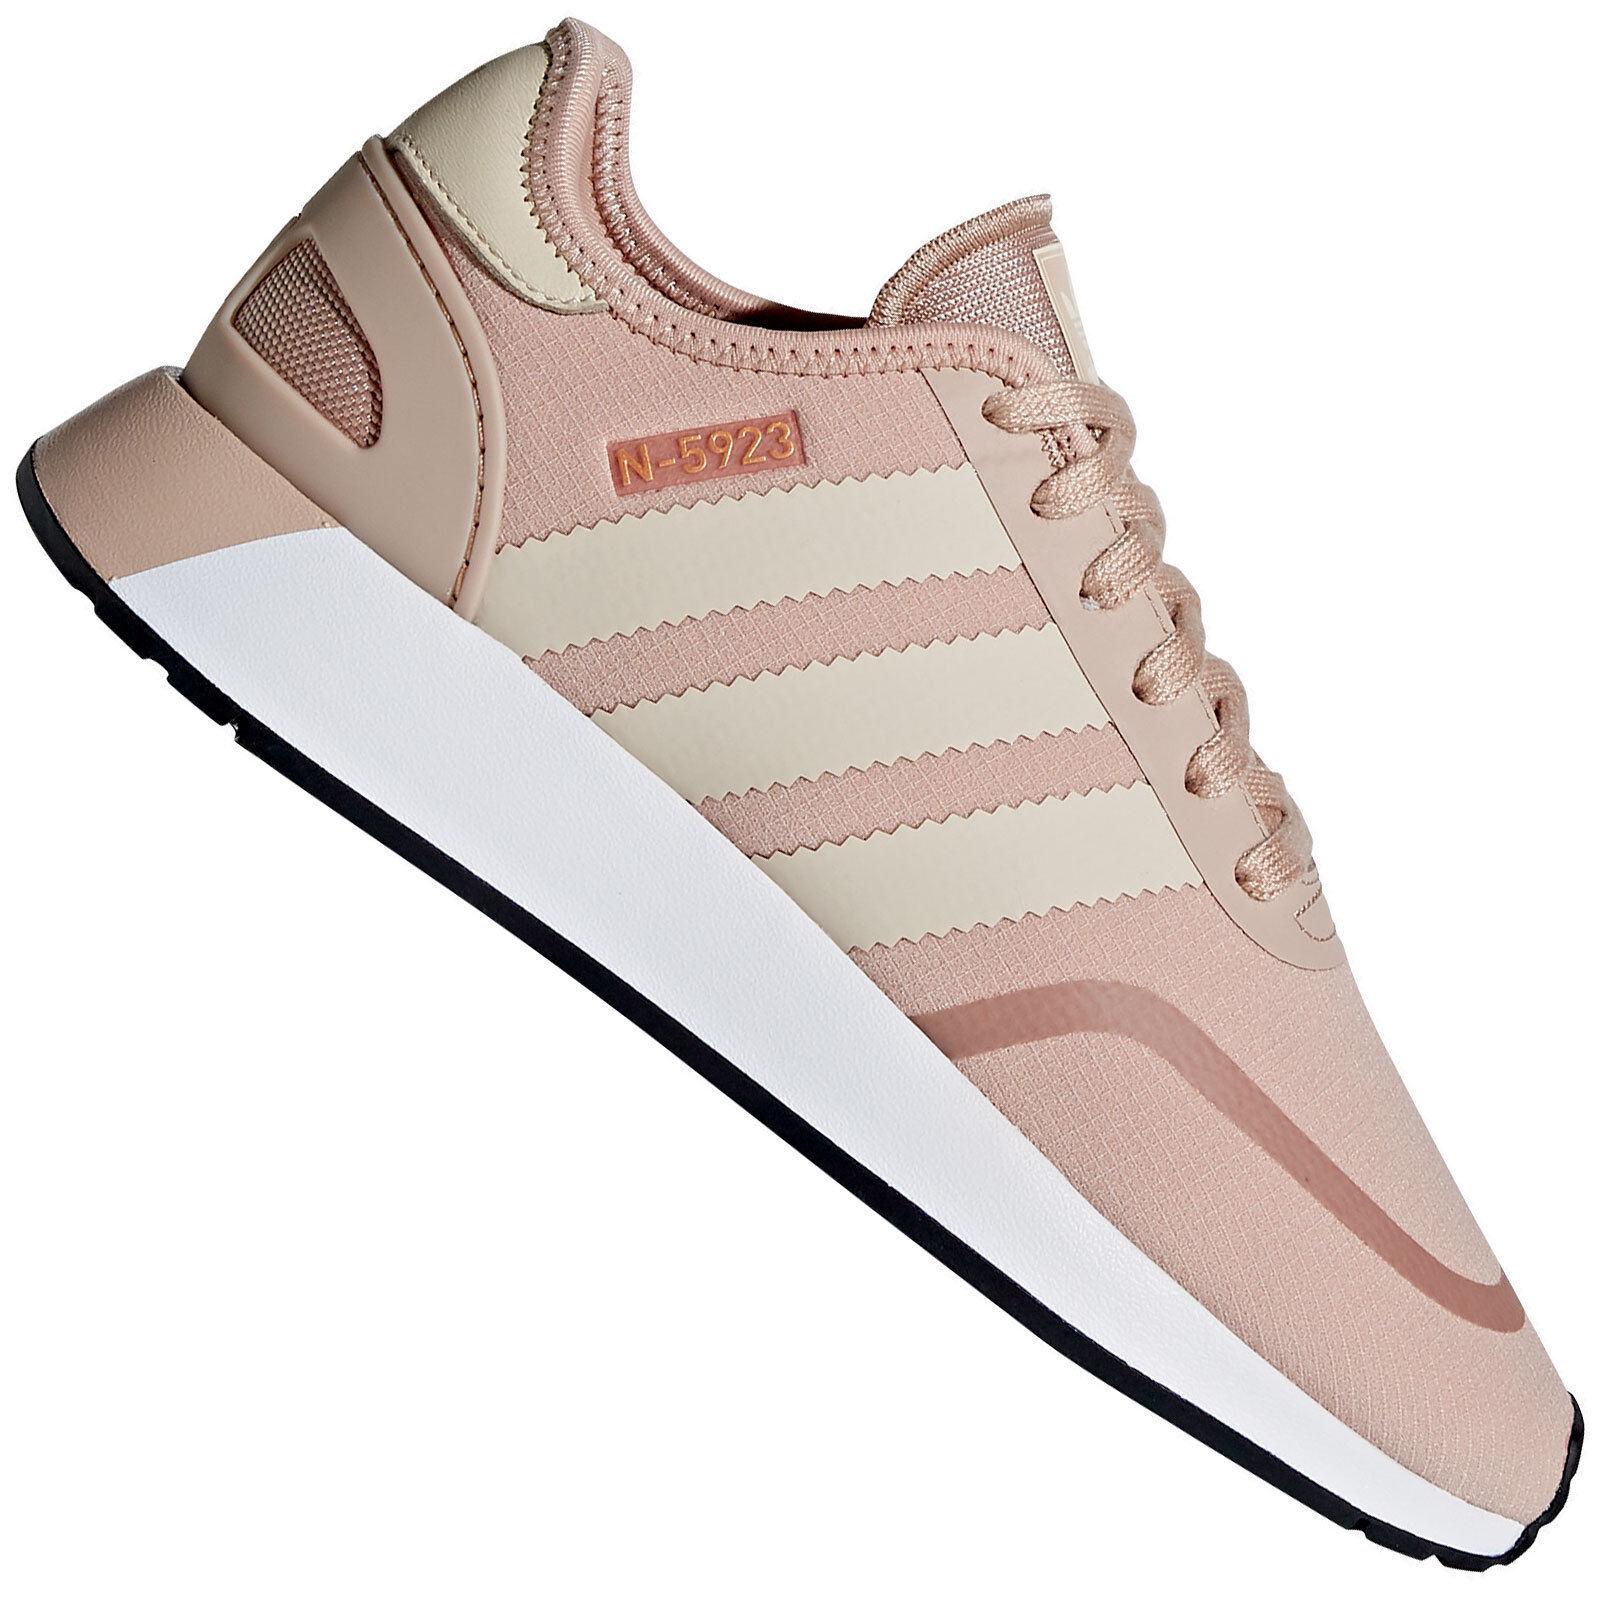 Adidas Originals n-5923 Iniki señora-cortos zapatillas calzado deportivo zapatos